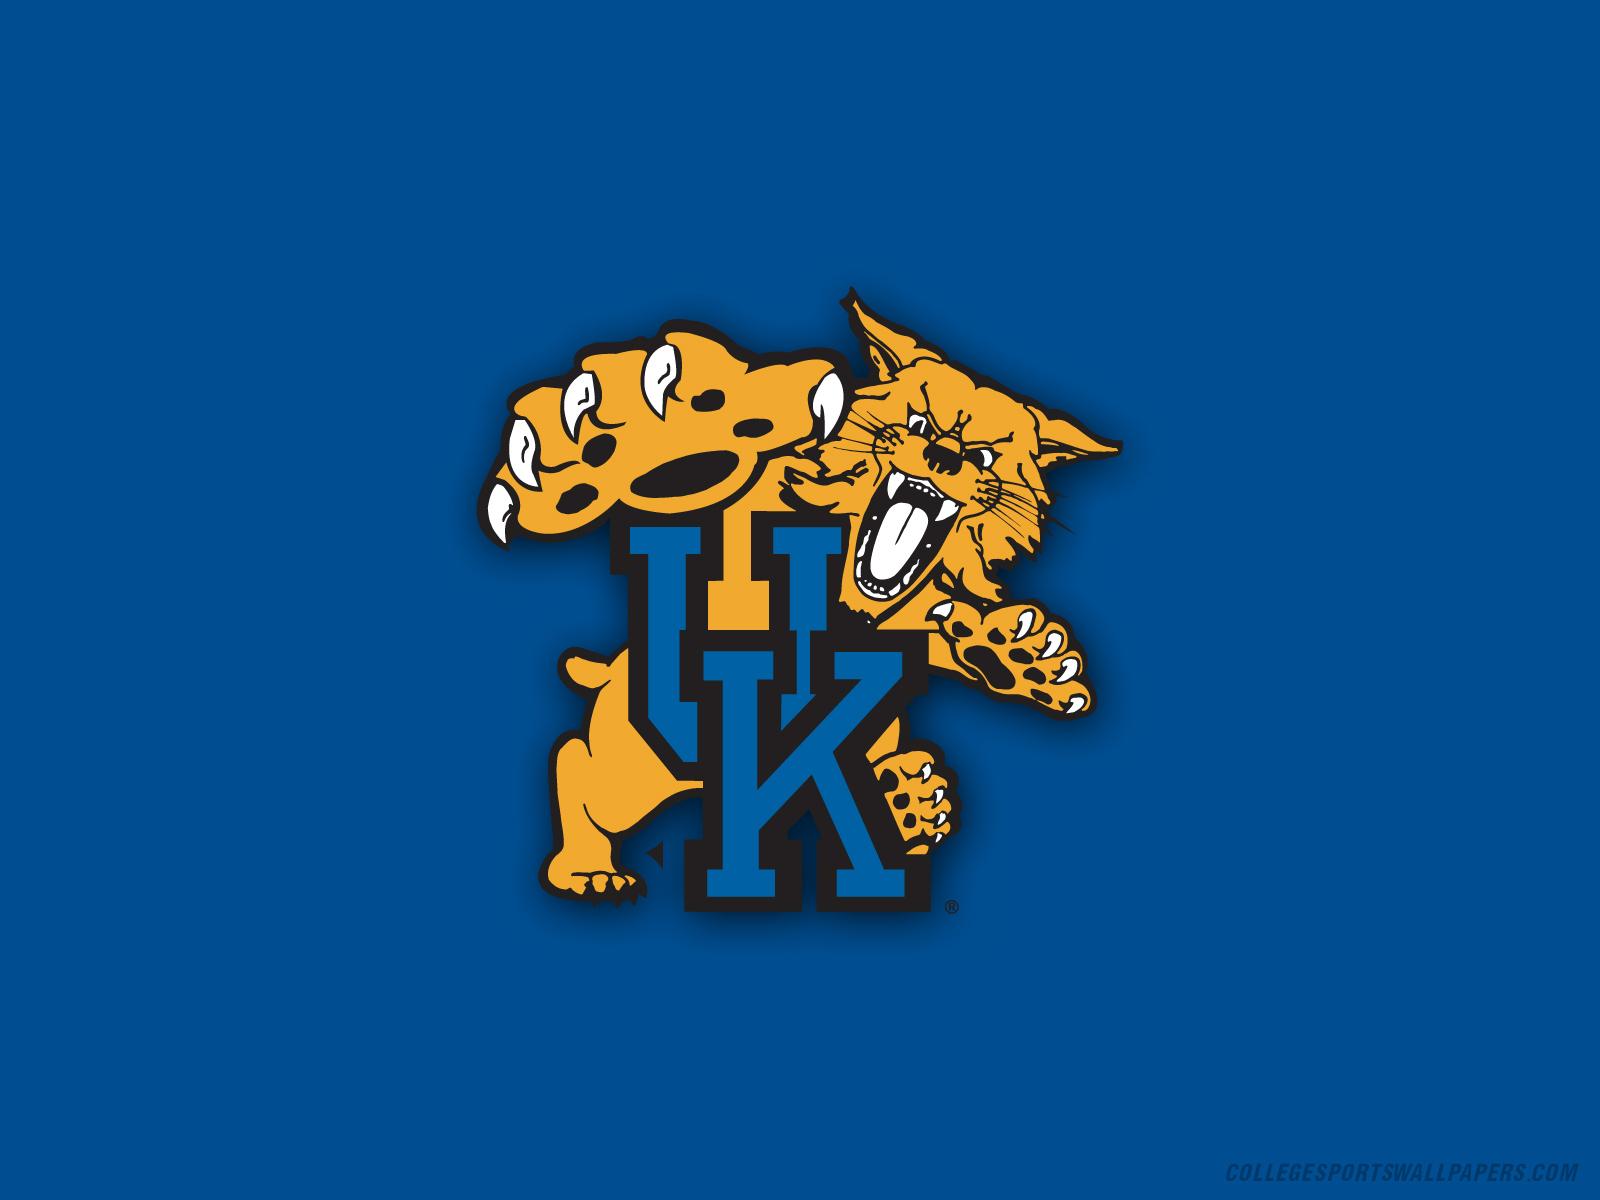 Uk logo   Kentucky Wildcats Wallpaper 9587260 1600x1200